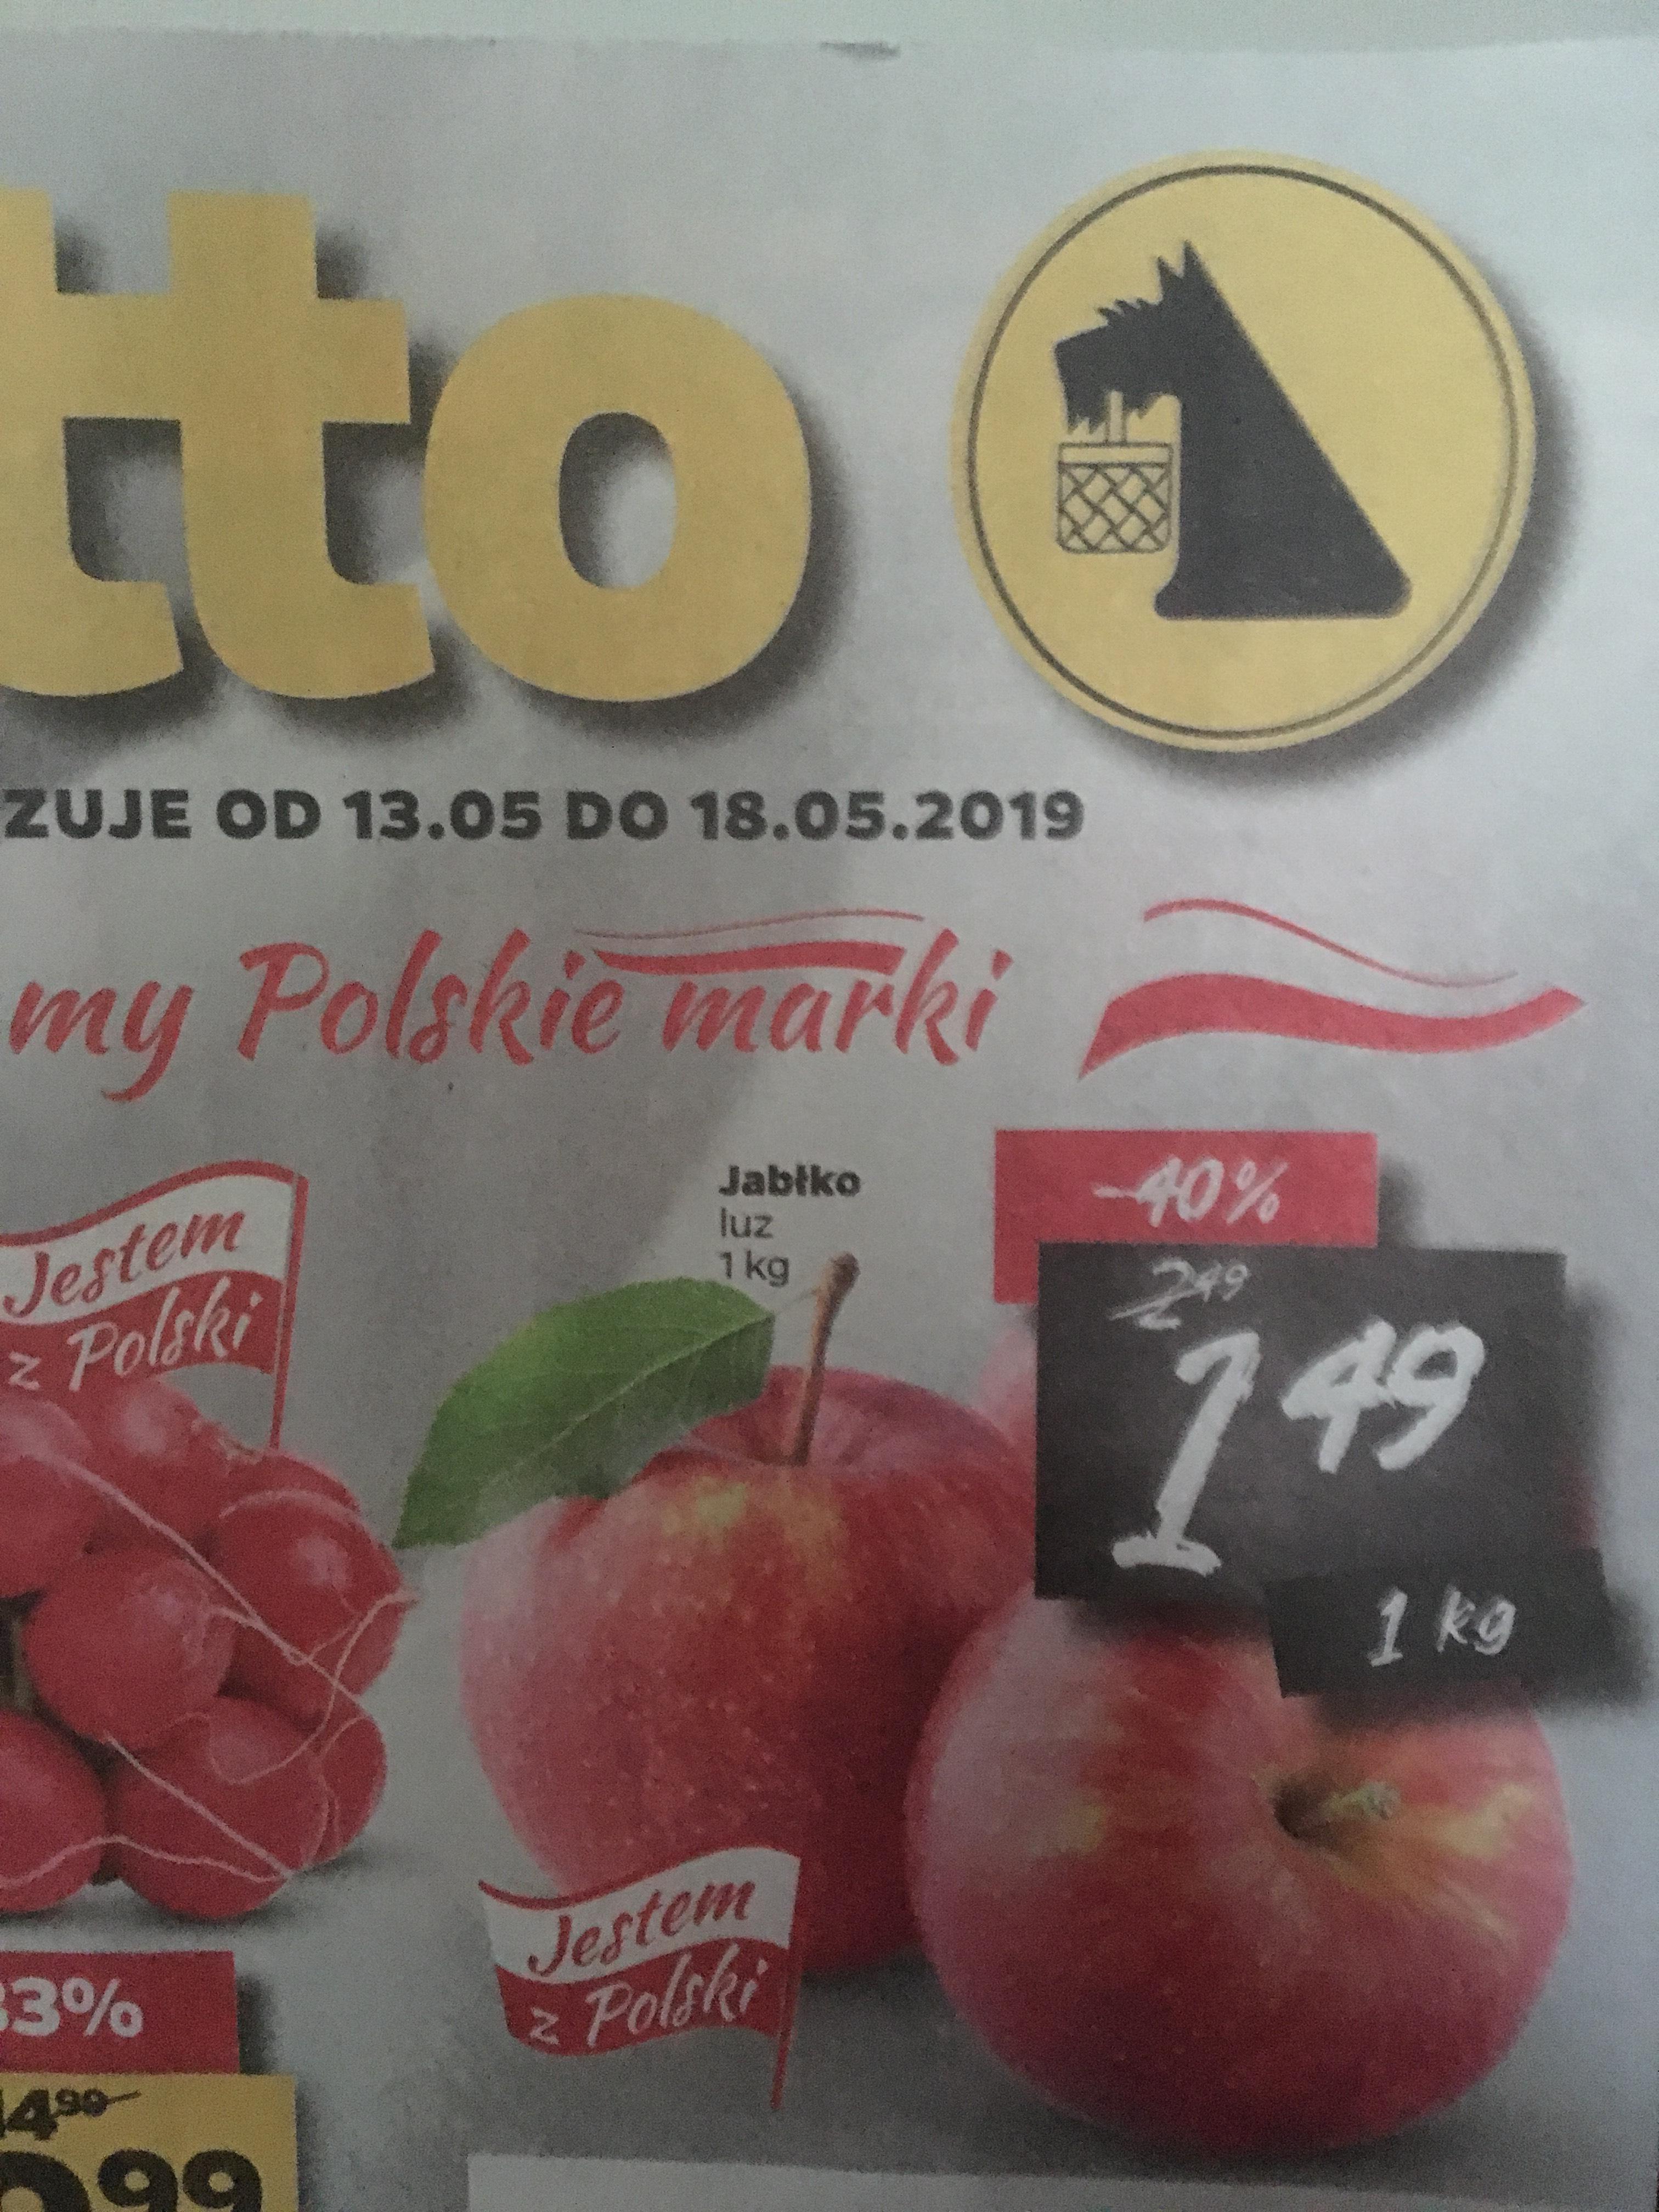 Polskie jabłka 1,49 zł za kilogram sklep Netto